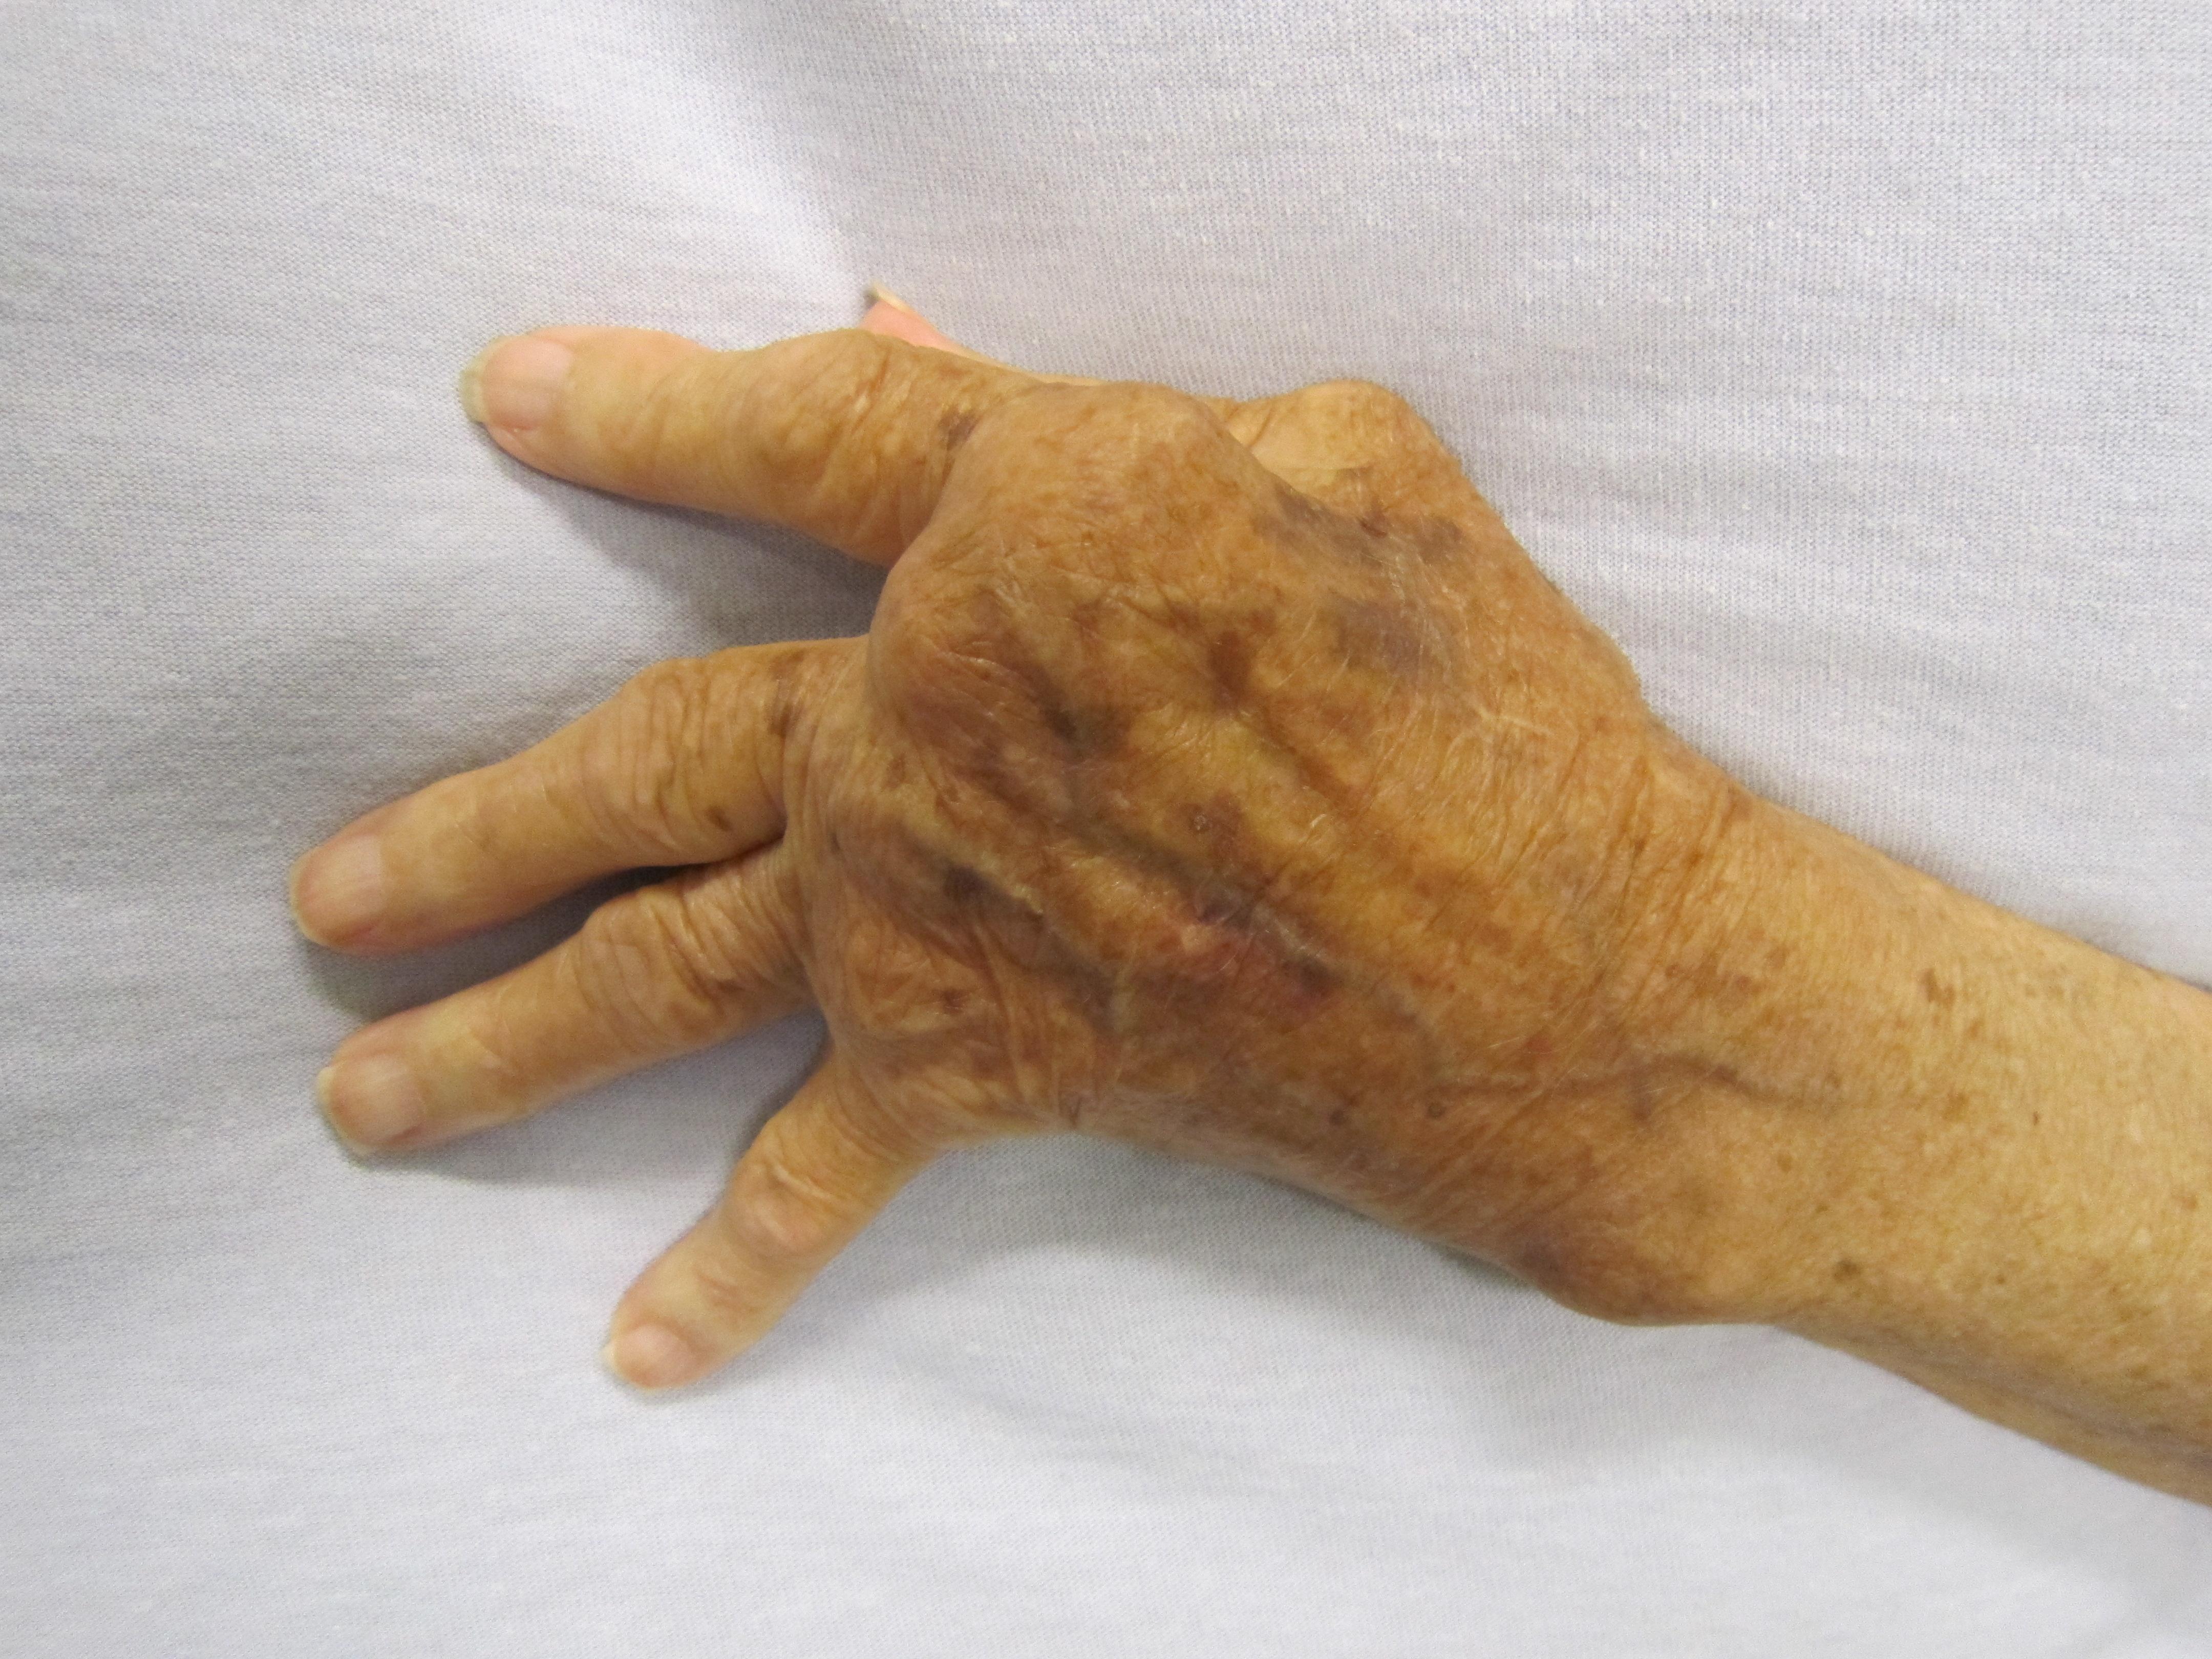 rheumatoid arthritis kezdeti stádiuma hogyan kell kezelni)